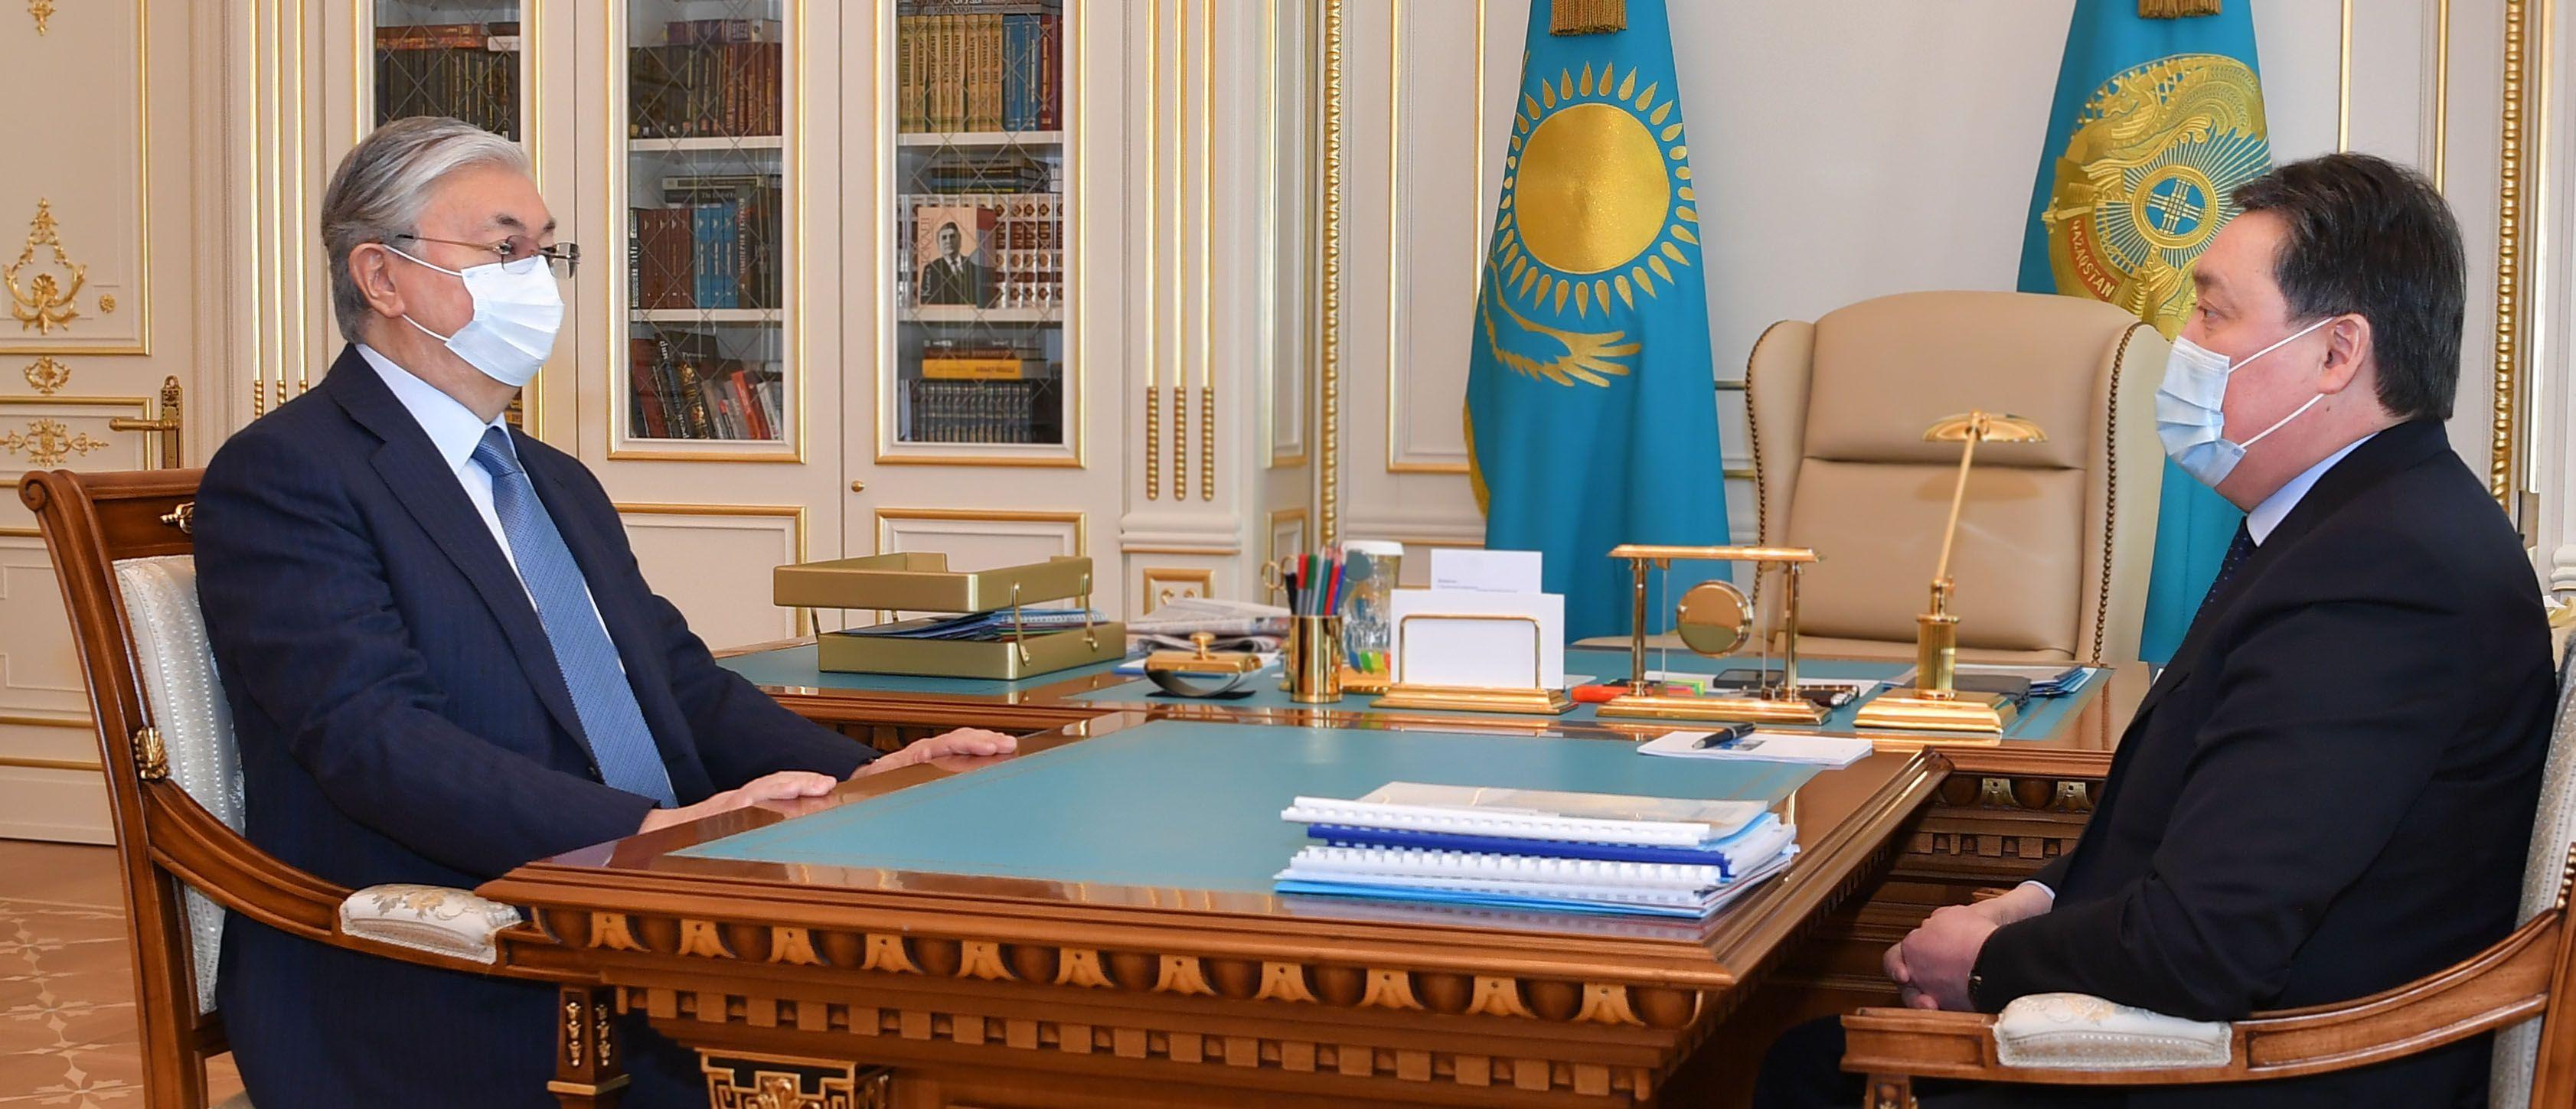 Расширенное заседание правительства состоится 26 января  569742 - Kapital.kz